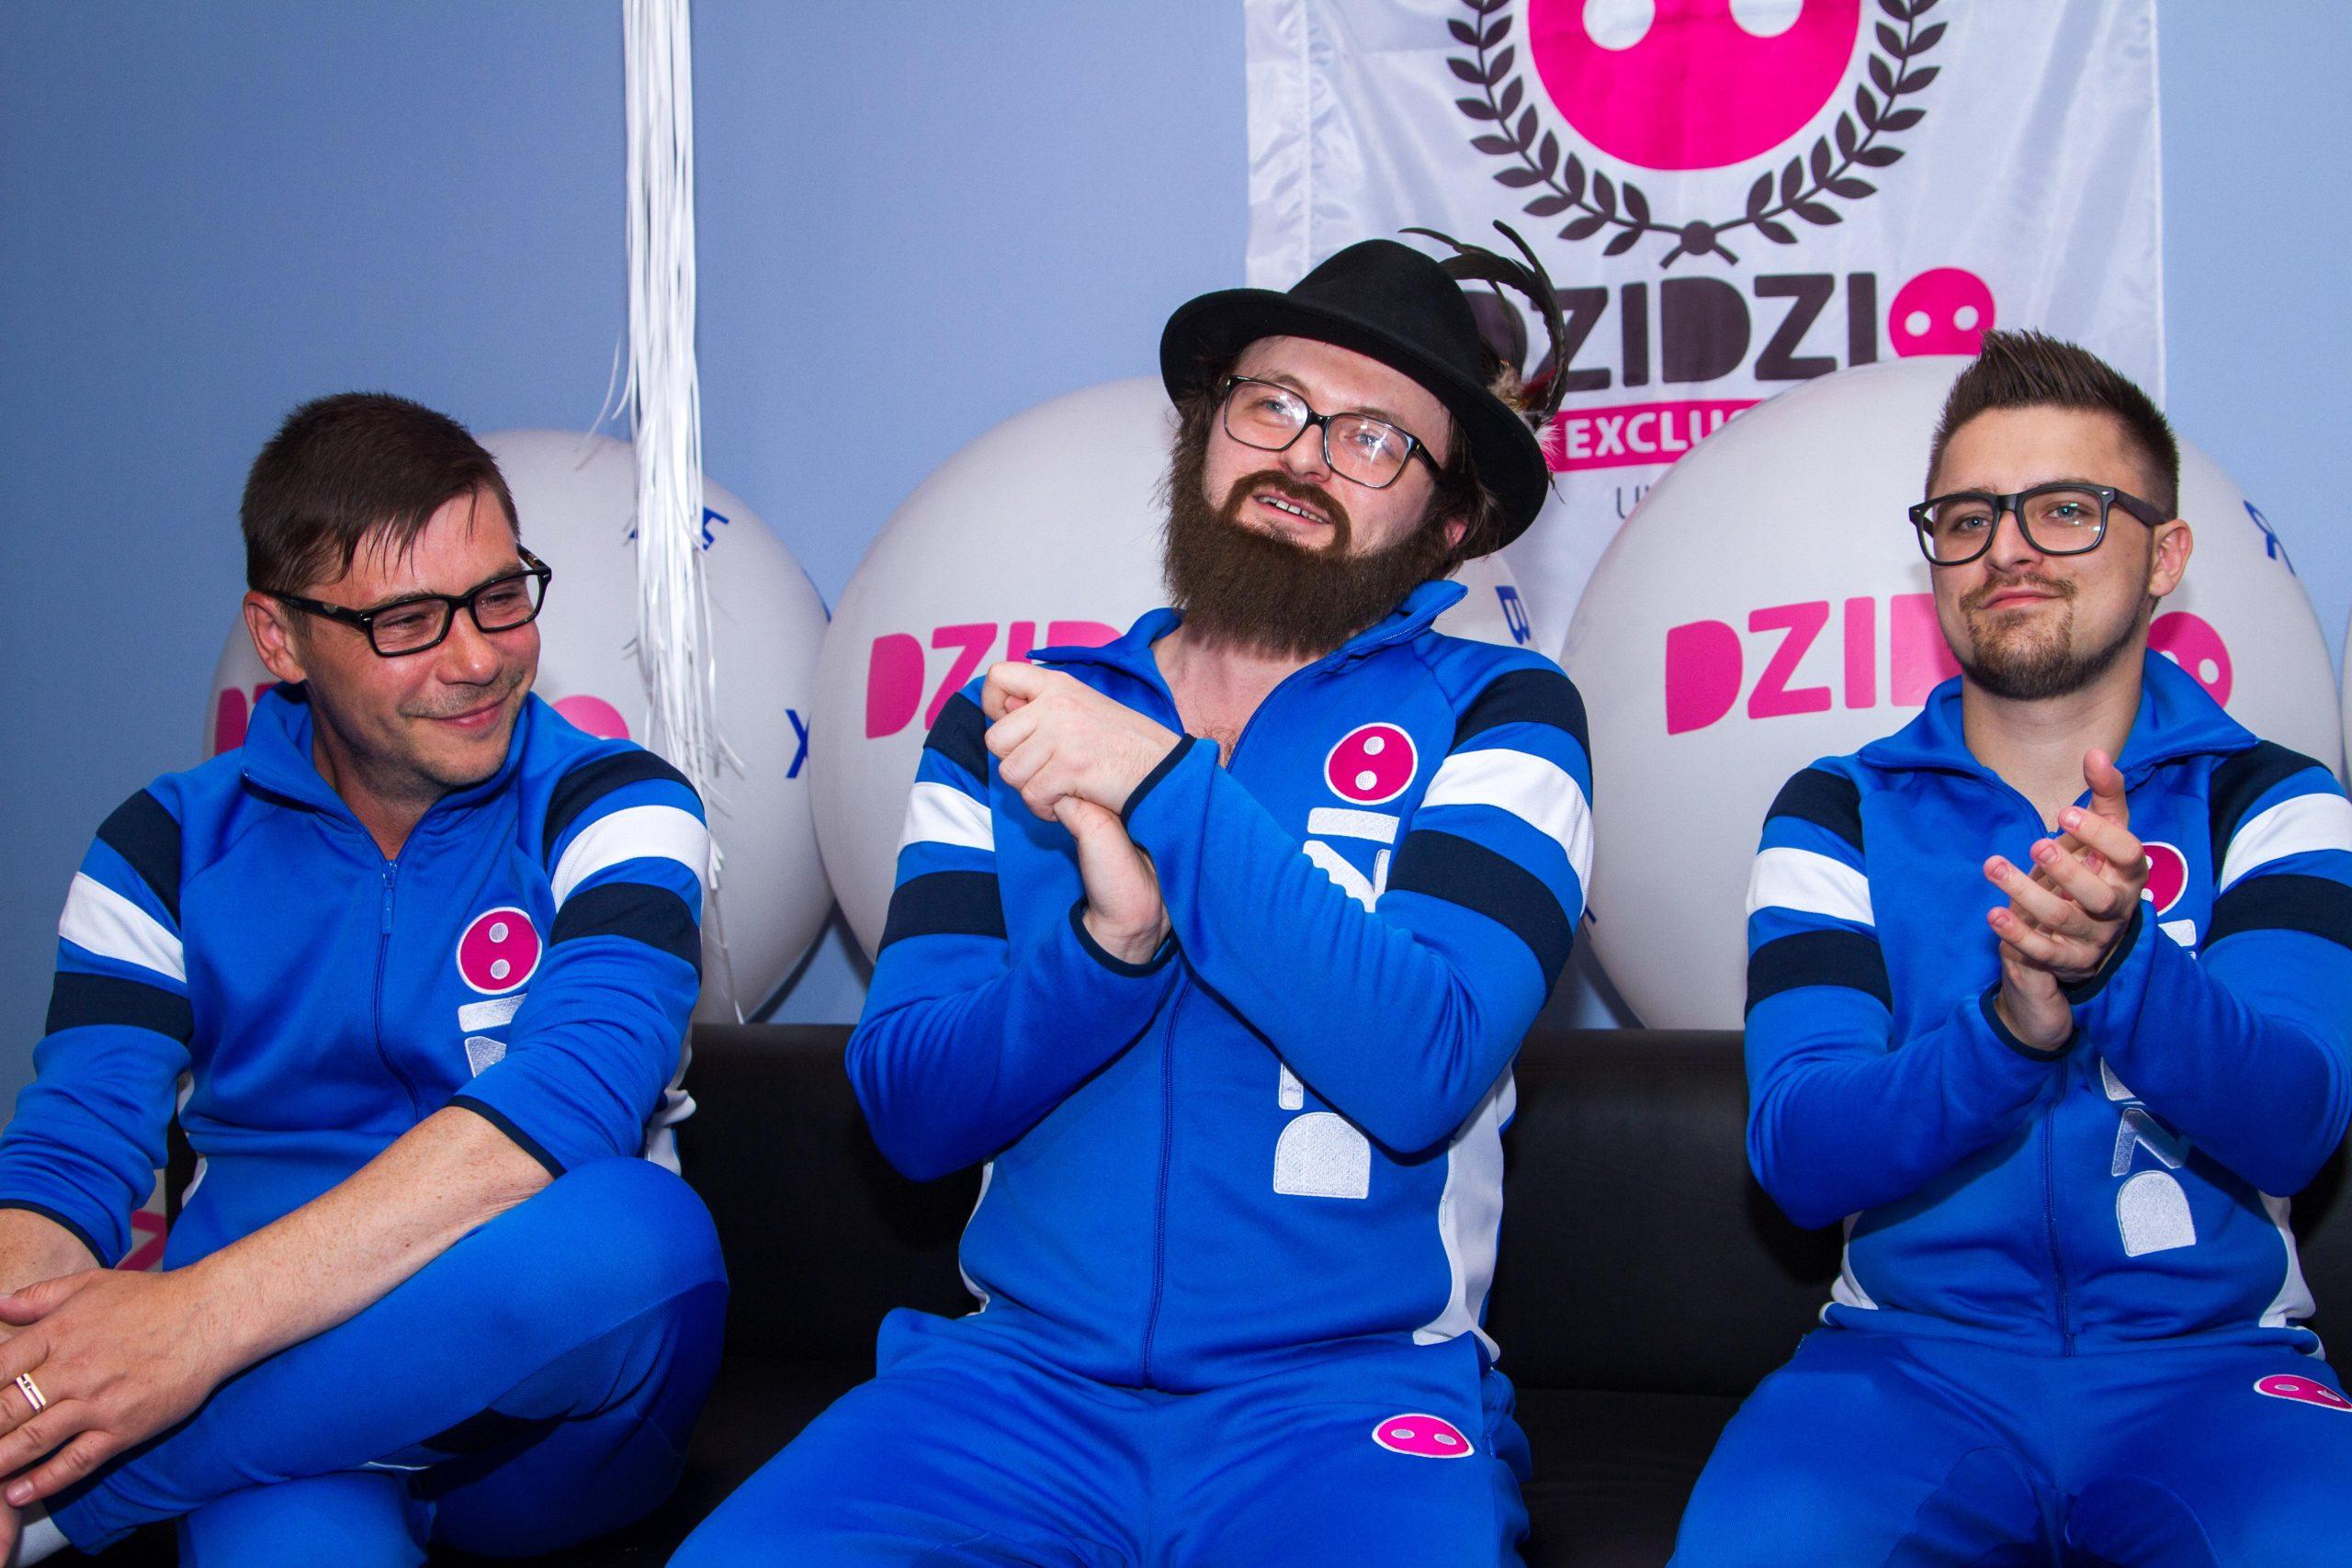 Интервью Dzidzio